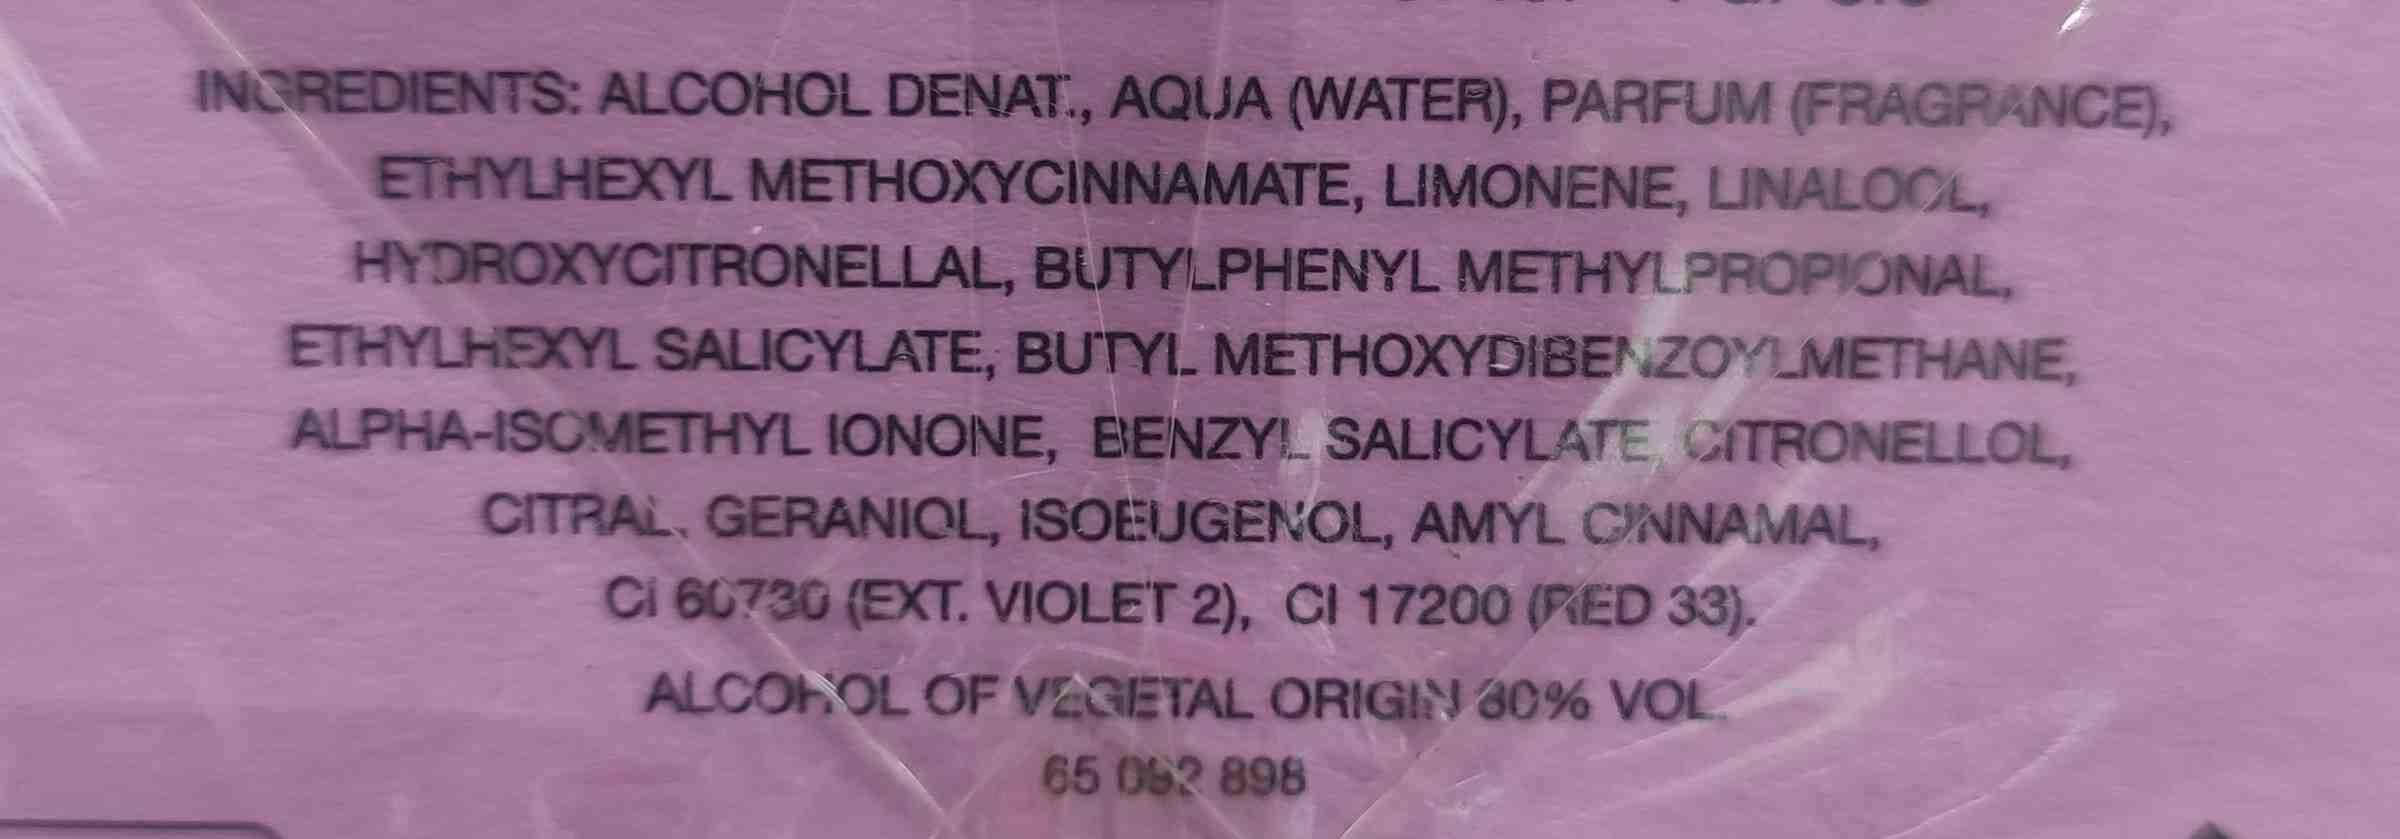 perfume Benetton - Ingredients - en